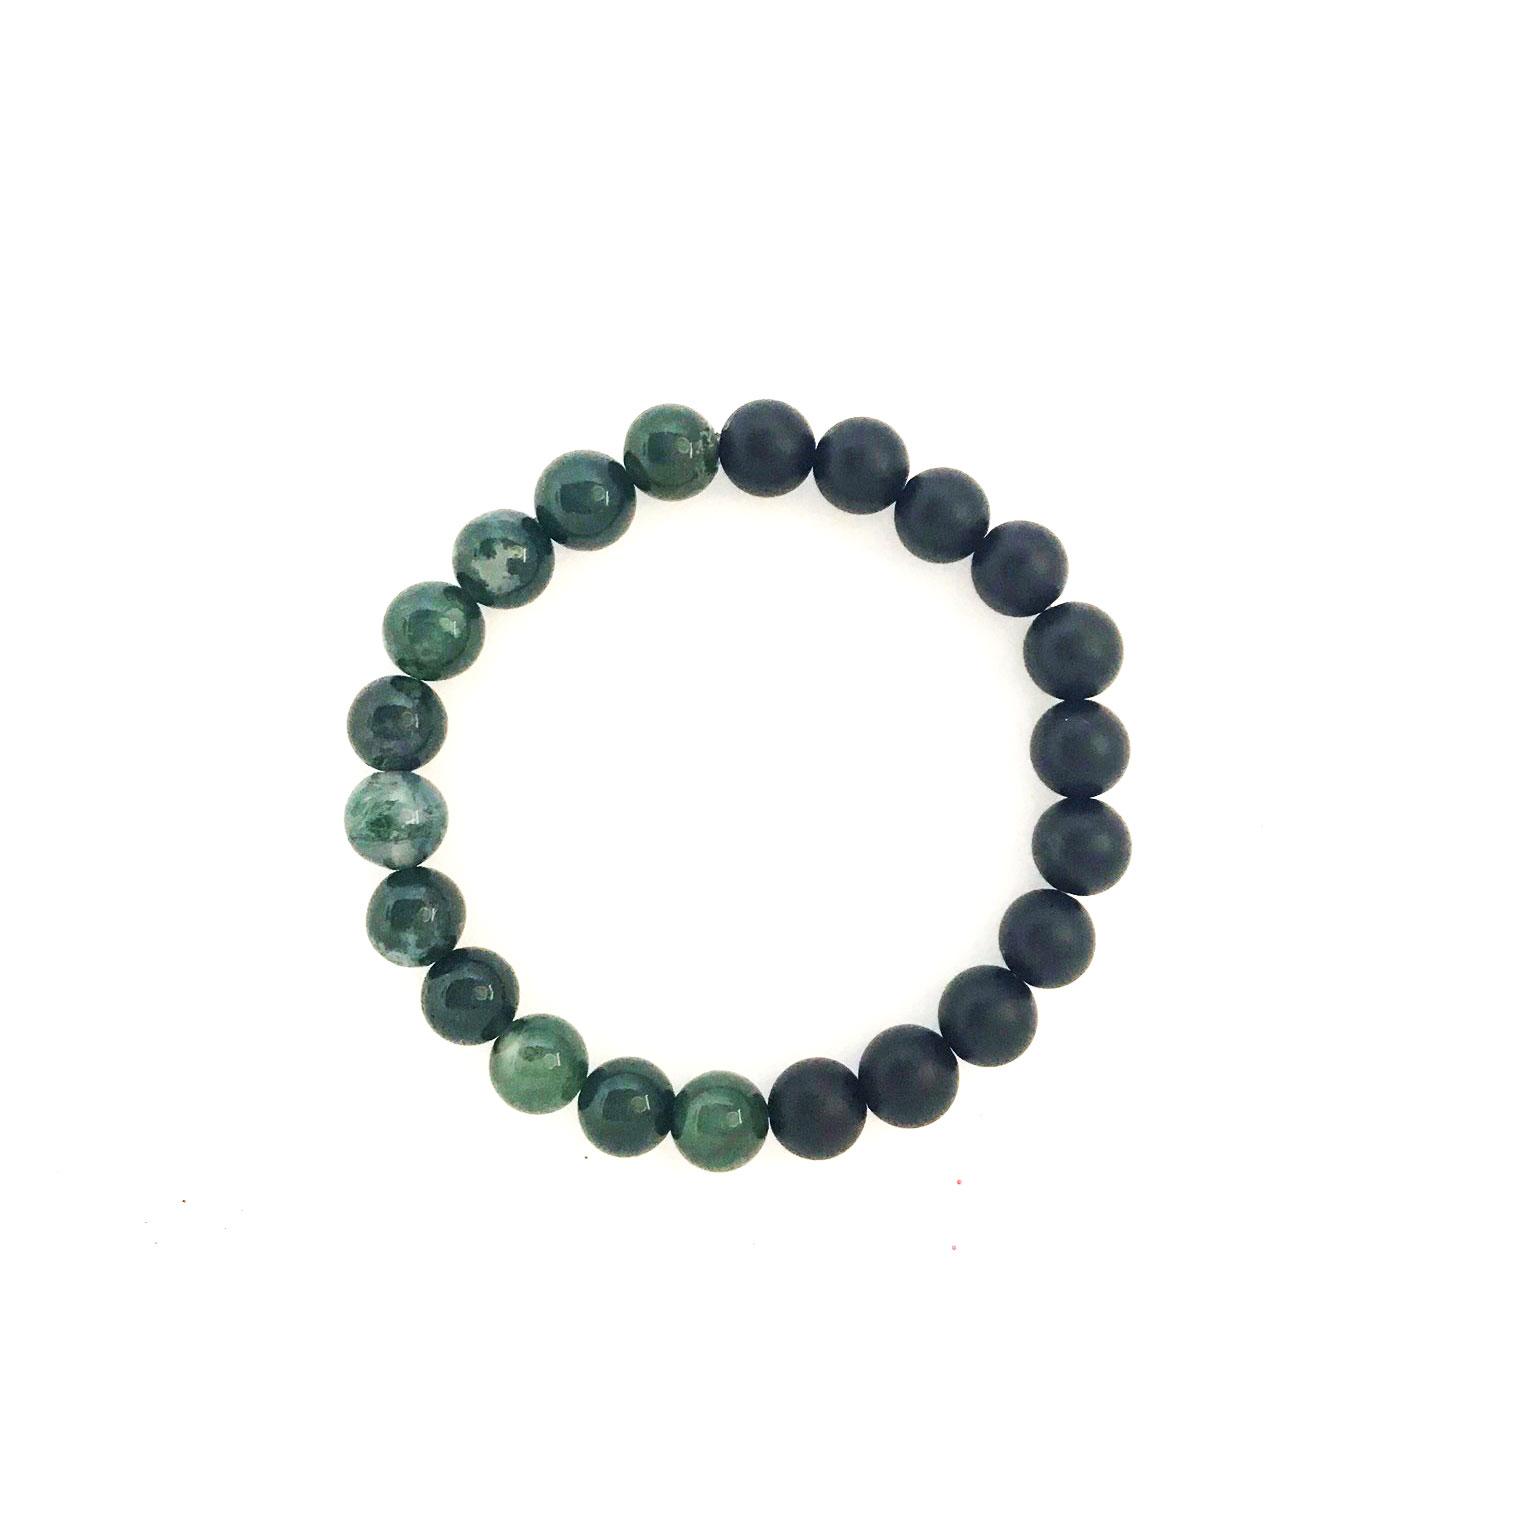 8mm Green Moss Agate Onyx Bracelet